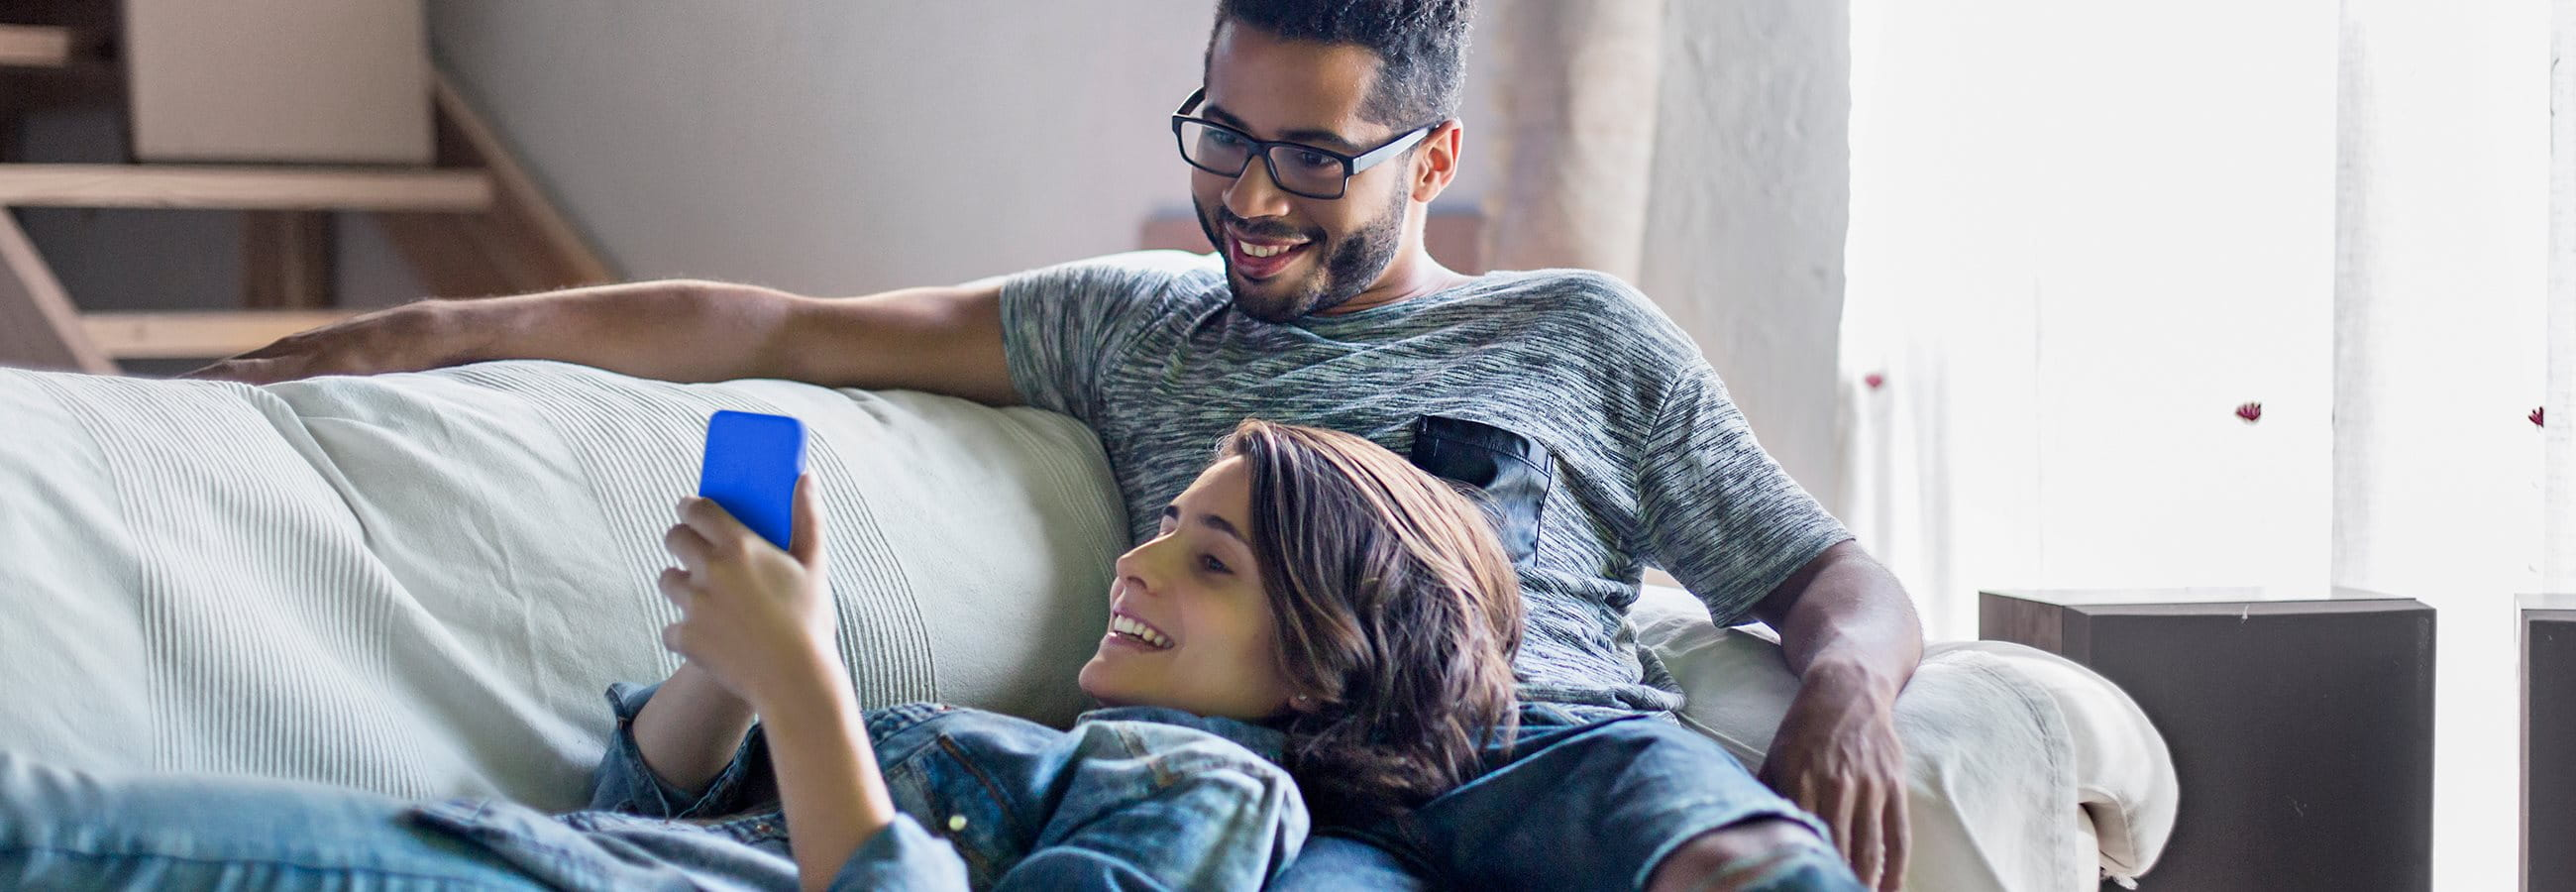 online hausrat versichern so finden sie den besten. Black Bedroom Furniture Sets. Home Design Ideas